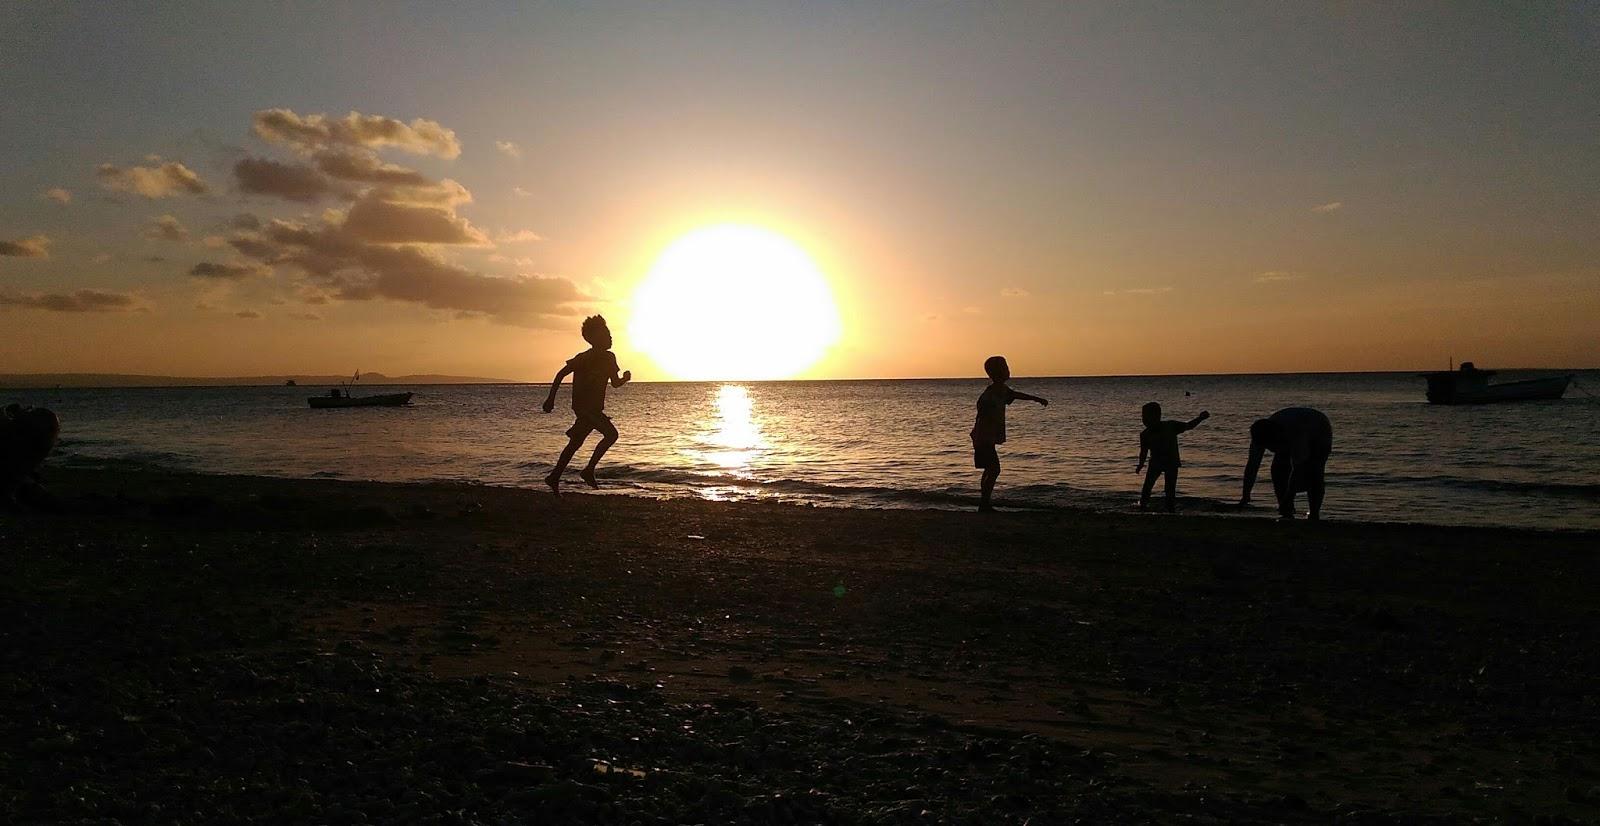 Arianto Ntt Sunset Pasir Panjang Kota Kupang Foto Diambil Tanggal